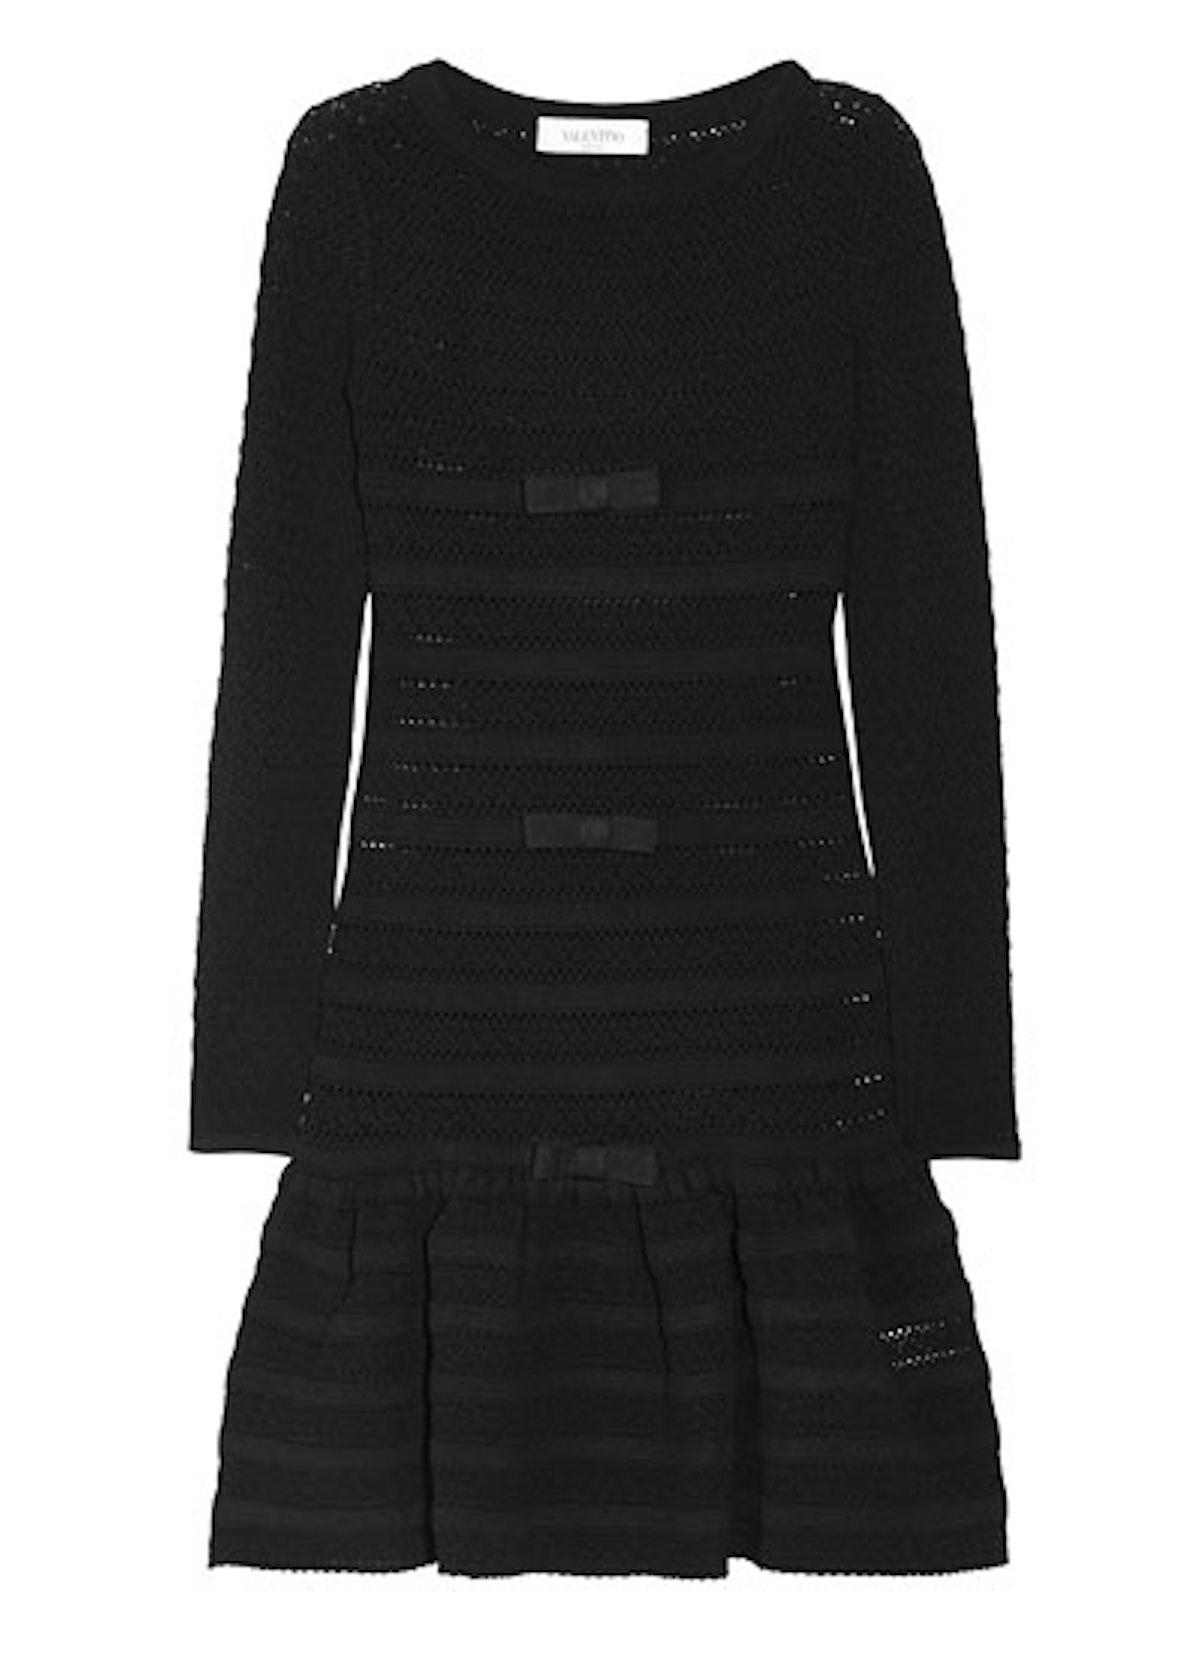 fass-little-black-dresses-08-v.jpg